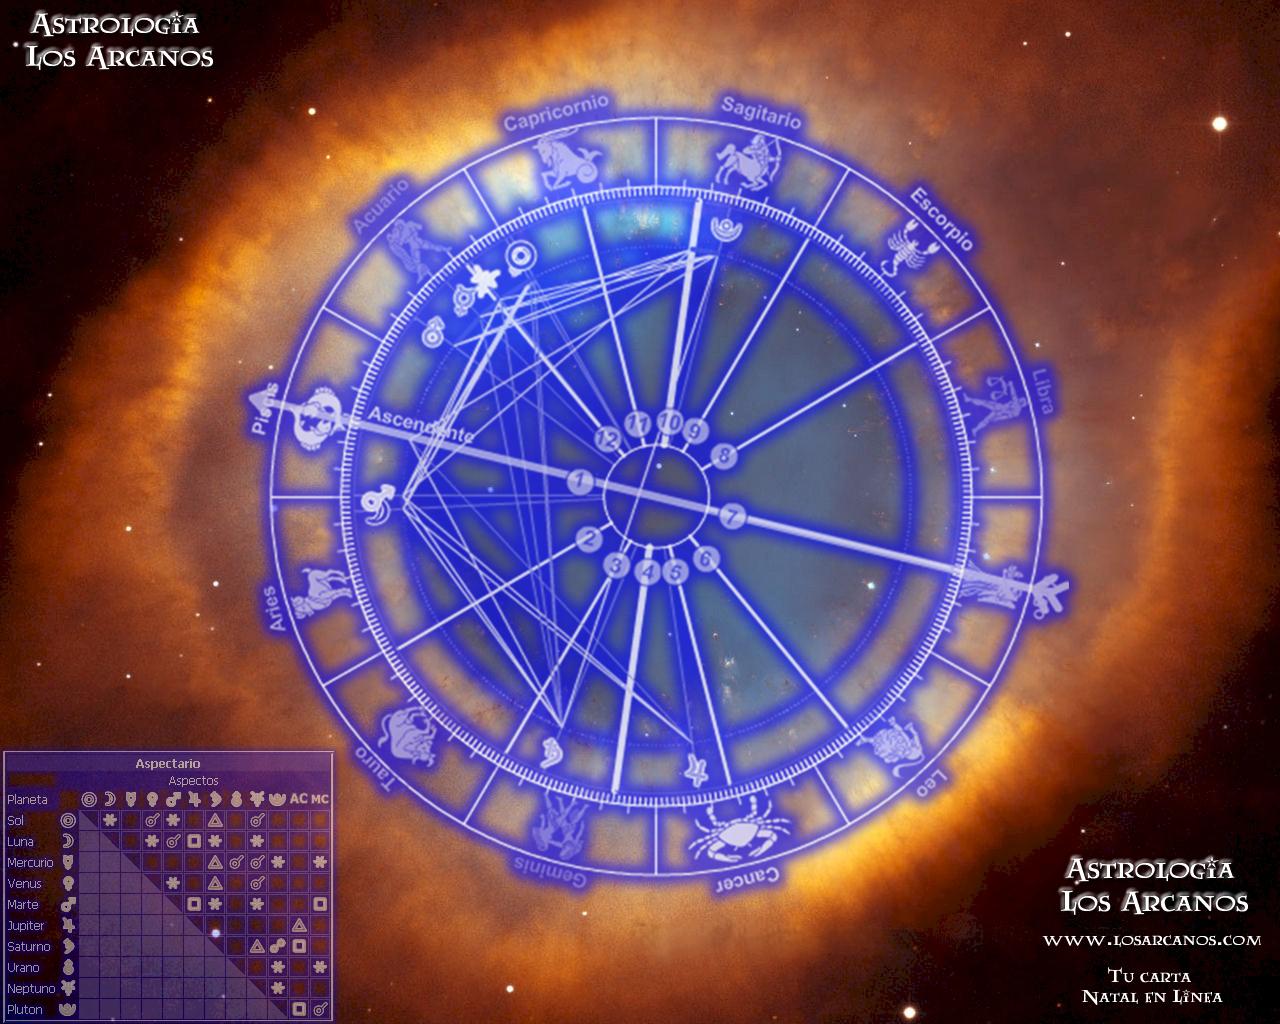 Astrologia Los Arcanos